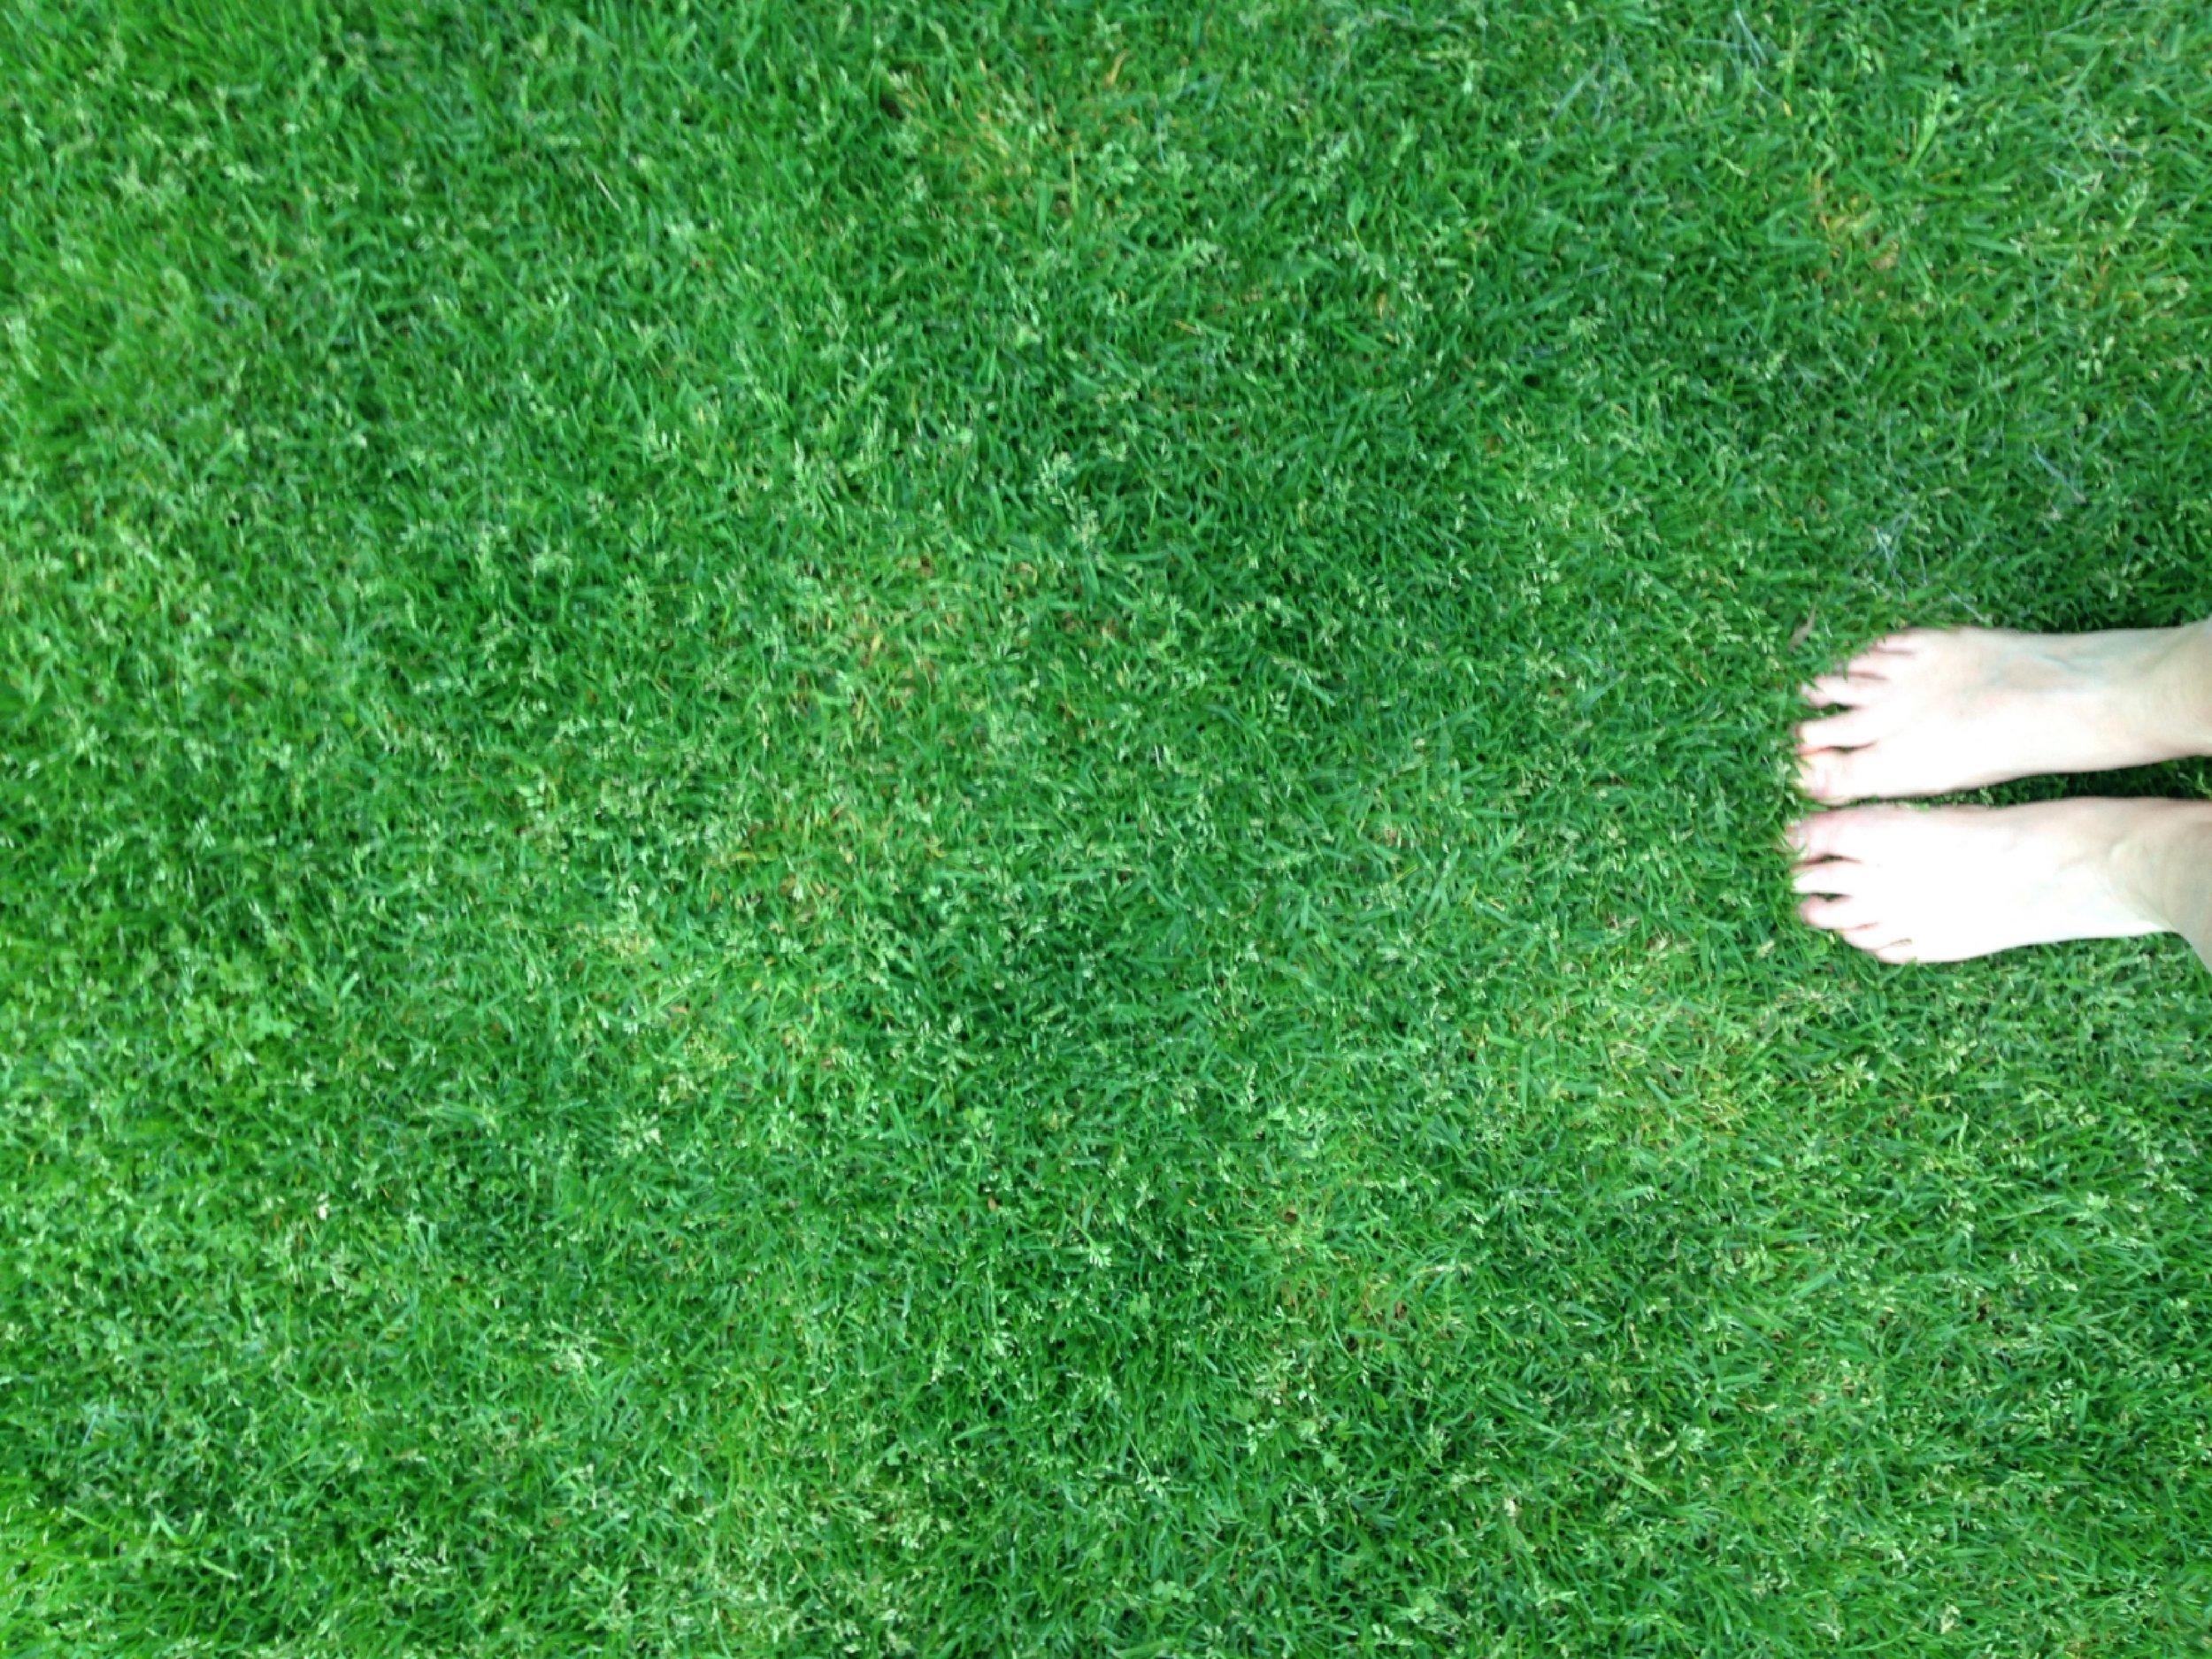 WALK ON GRASS FOR GROUNDING